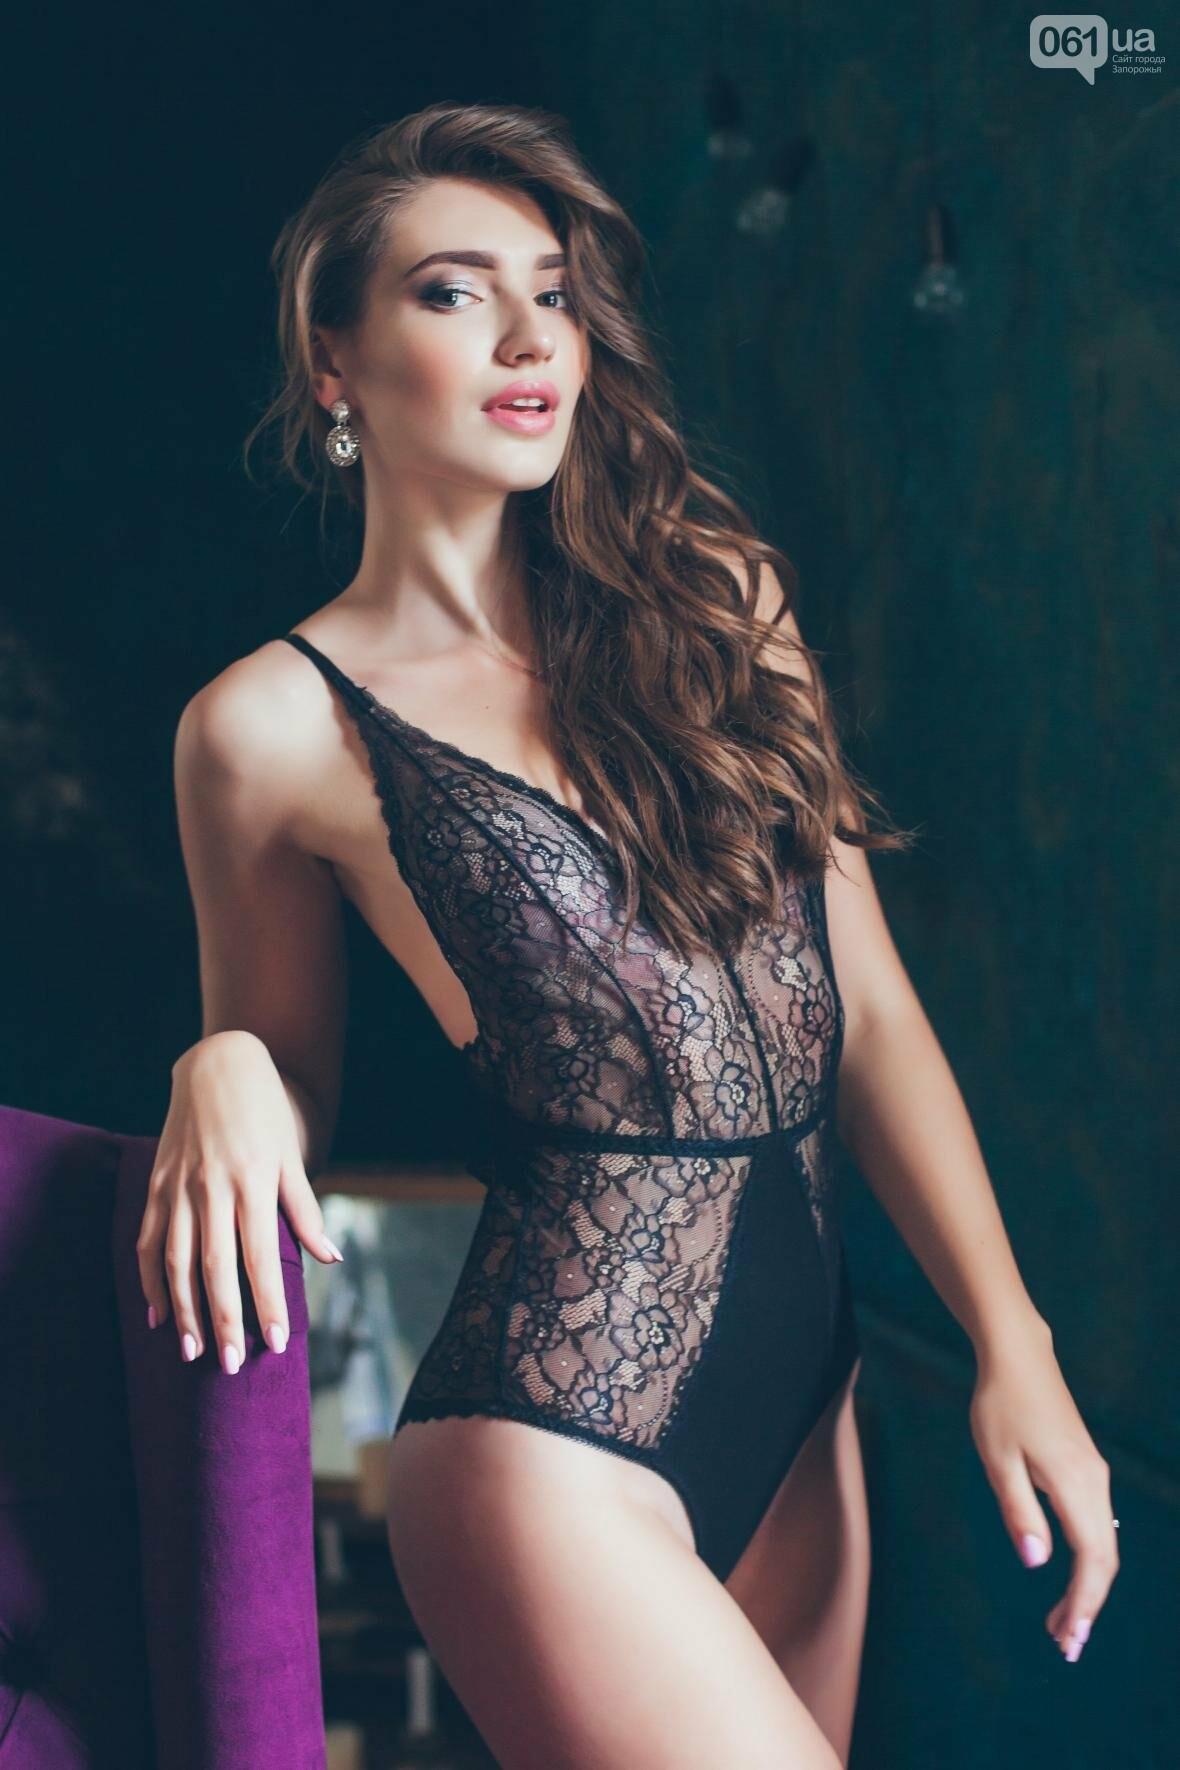 От первого фото в Инстаграм до заказов со всего мира: как запорожанка Анастасия Моргуль стала дизайнером нижнего белья, фото-7